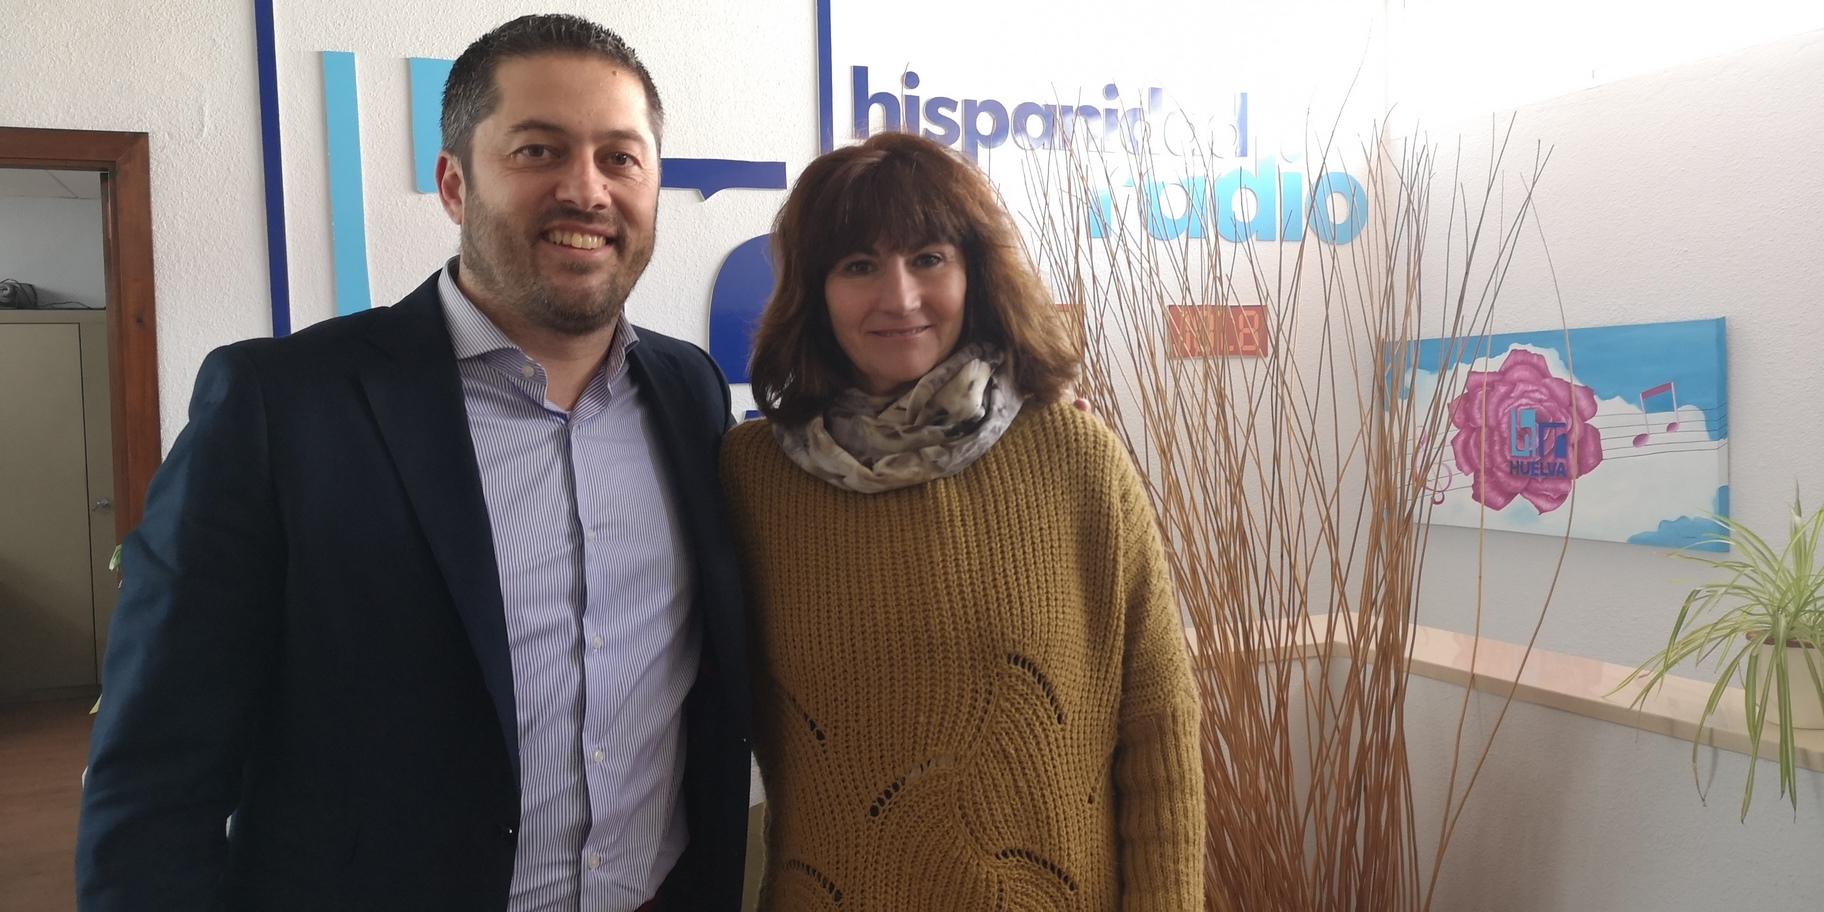 Queremos Saber- 17-01-2020  Teniente alcalde de Turismo, Promoción de Huelva en el Exterior y Universidad, Francisco José Balufo Ávila